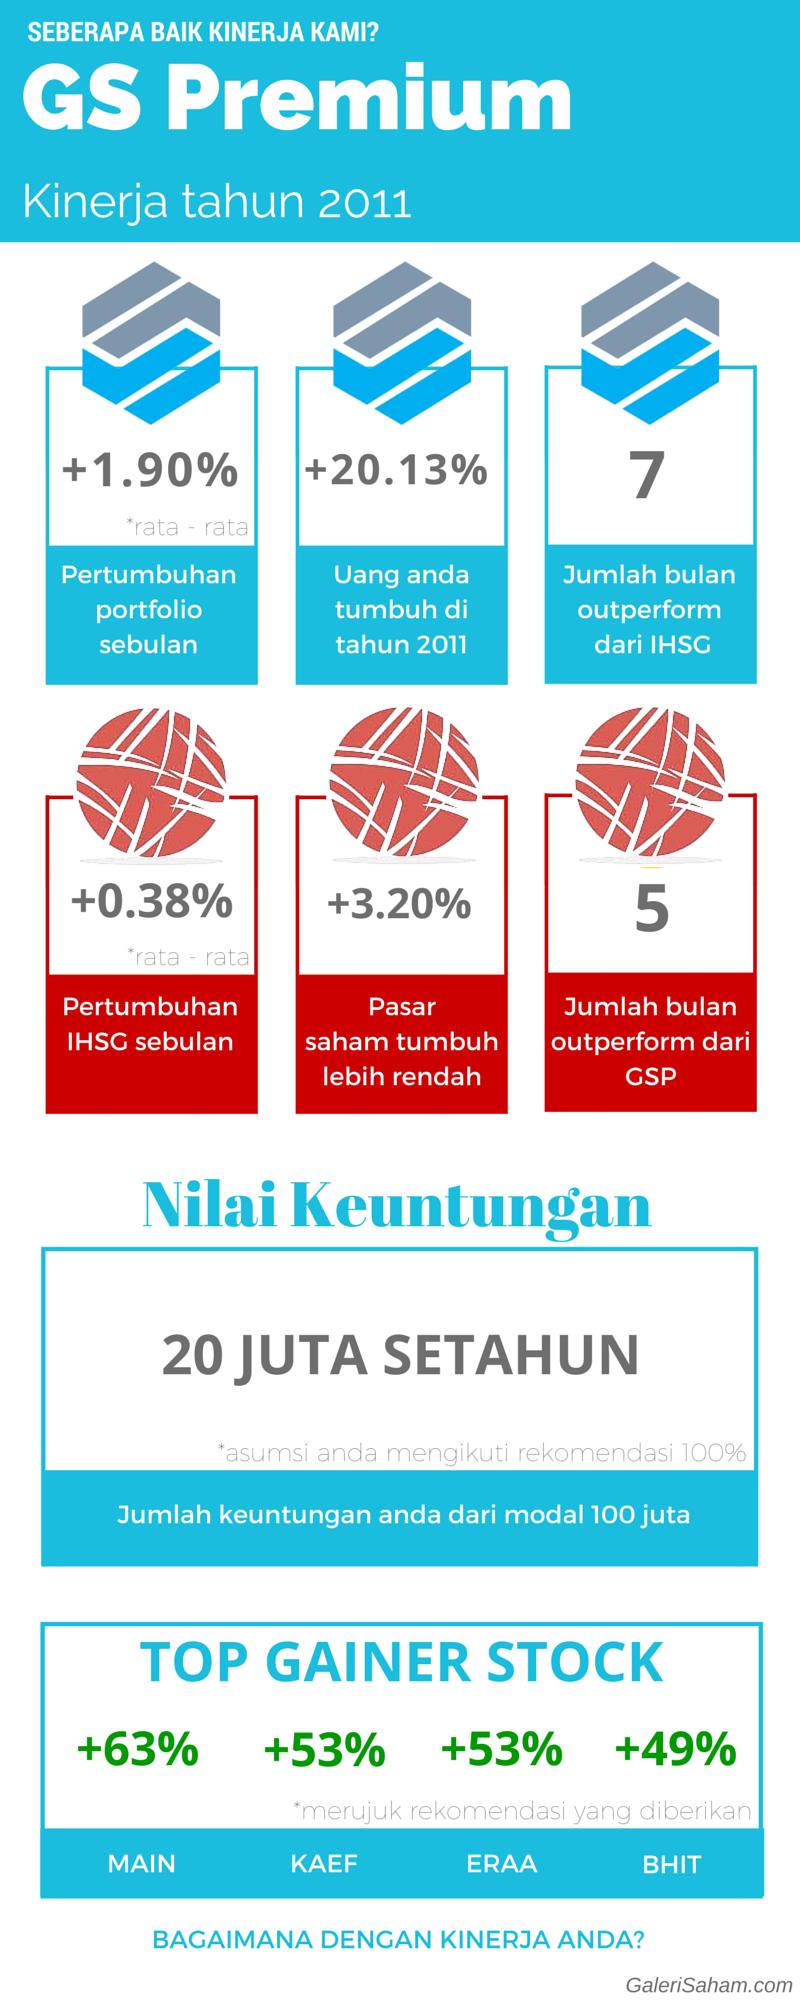 (selesai) Kinerja GS Premium 2011